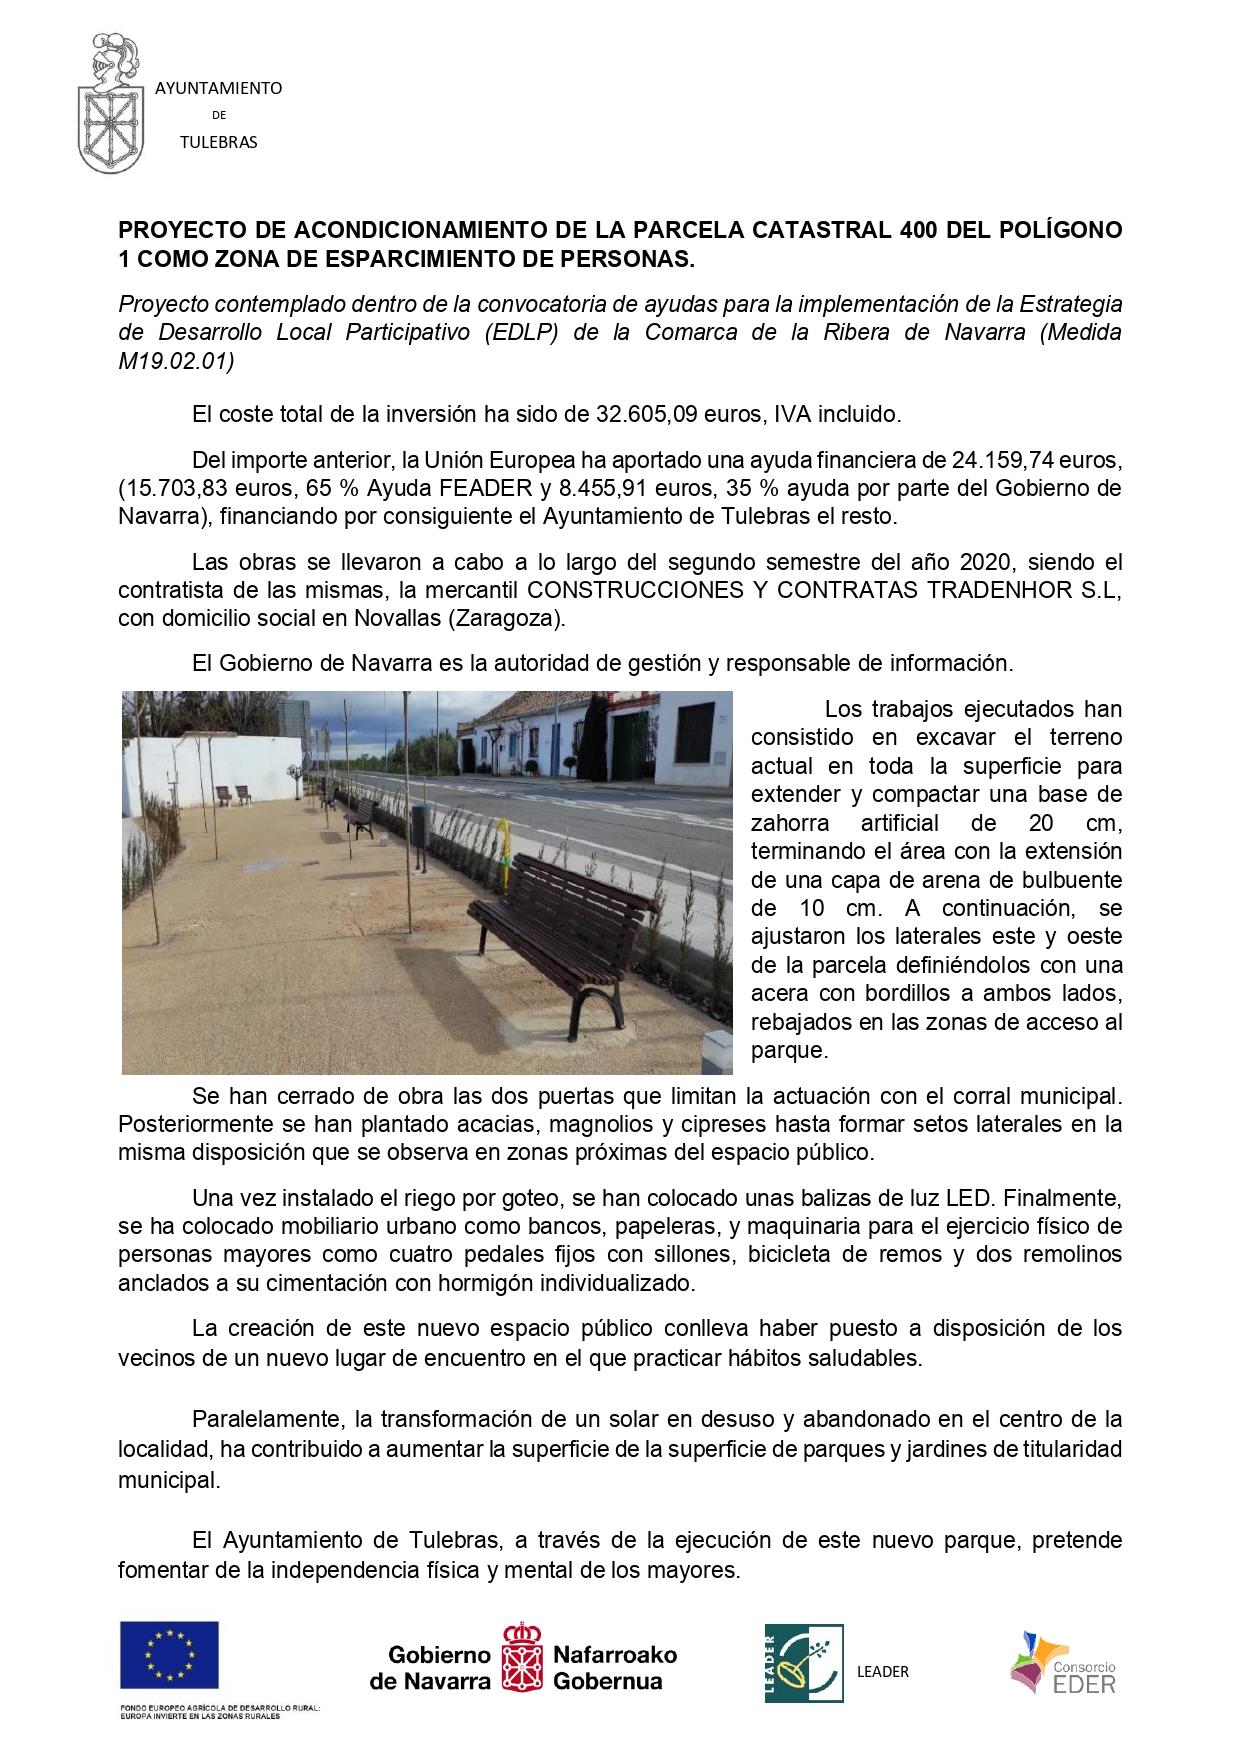 Proyecto Acondicionamiento parcela 400 del polígono 1 de Tulebras